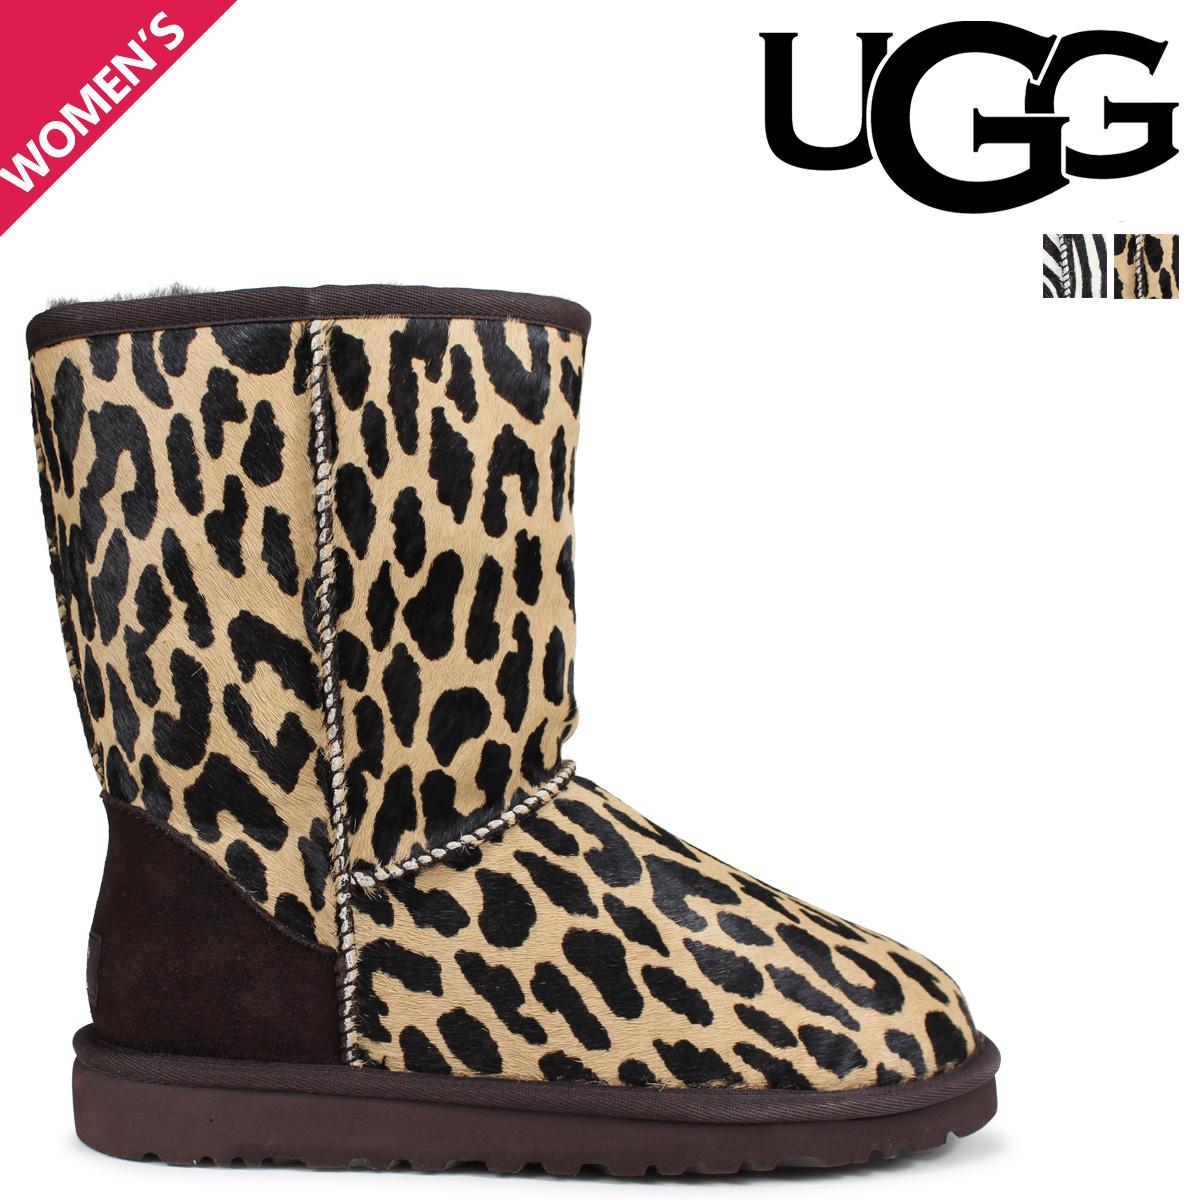 fd8b59ca925 Sugar Online Shop: アグ UGG classical music short mouton boots ...